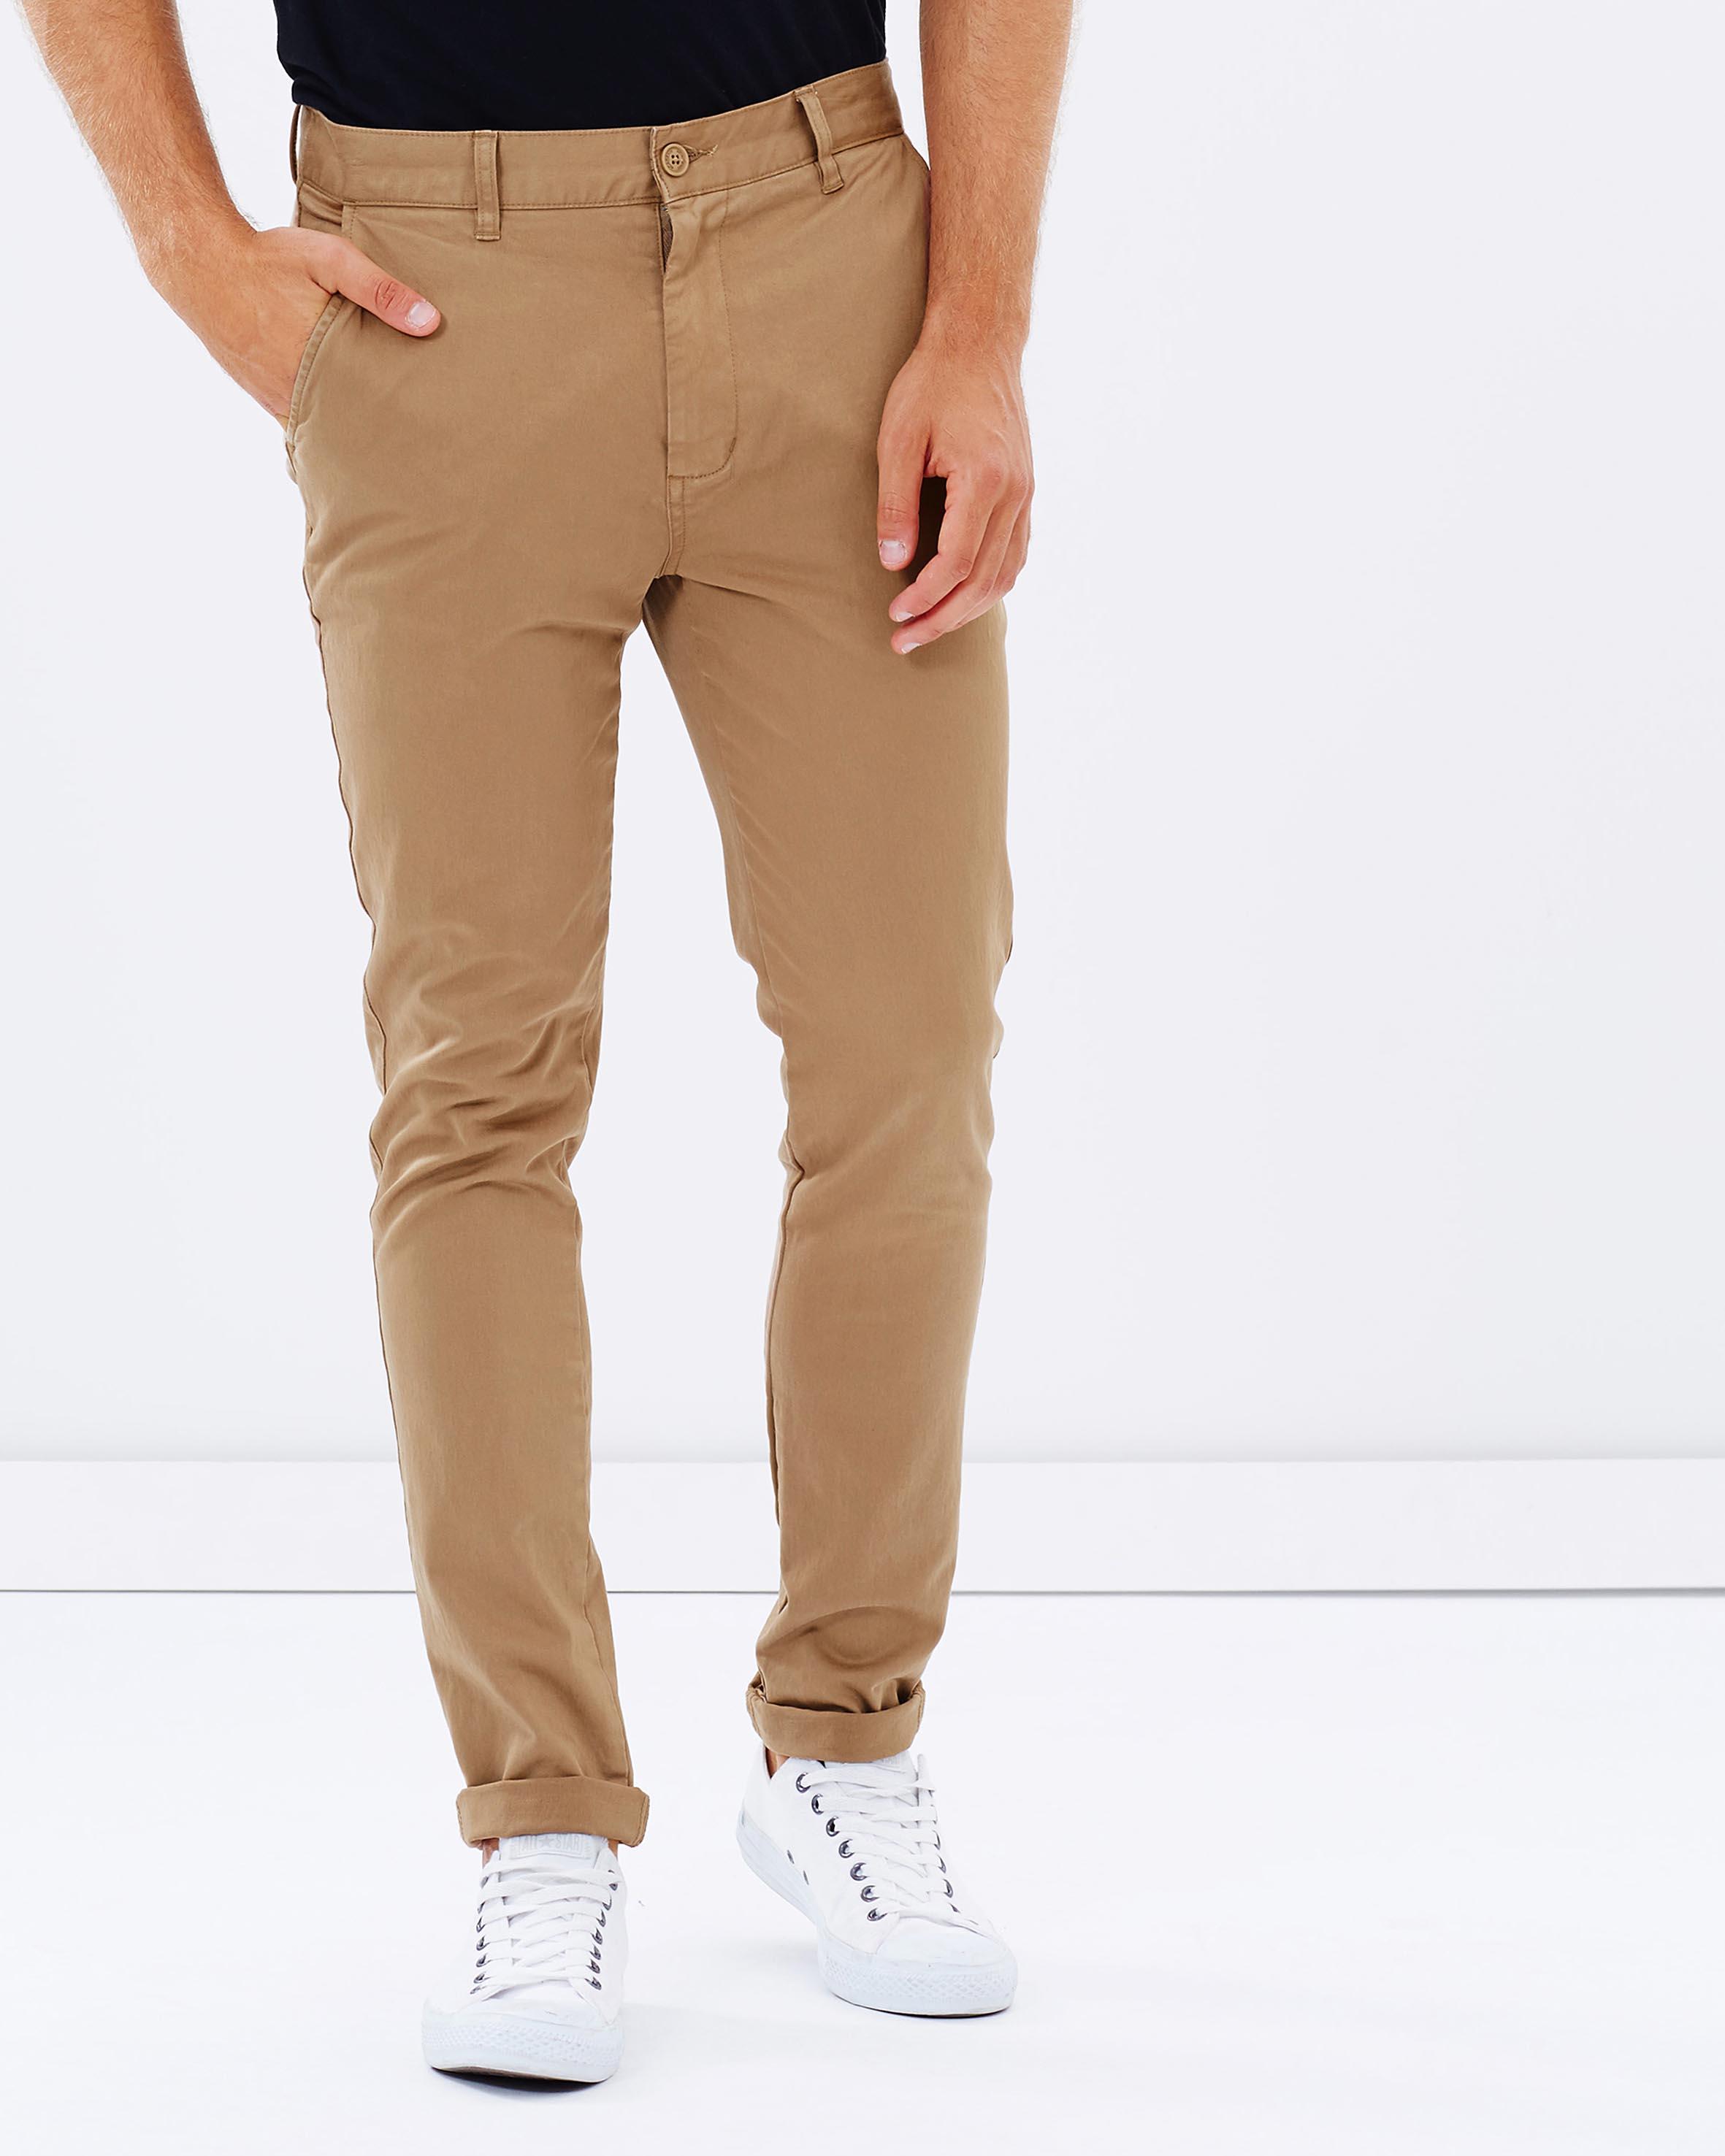 Brand Clothing For Men